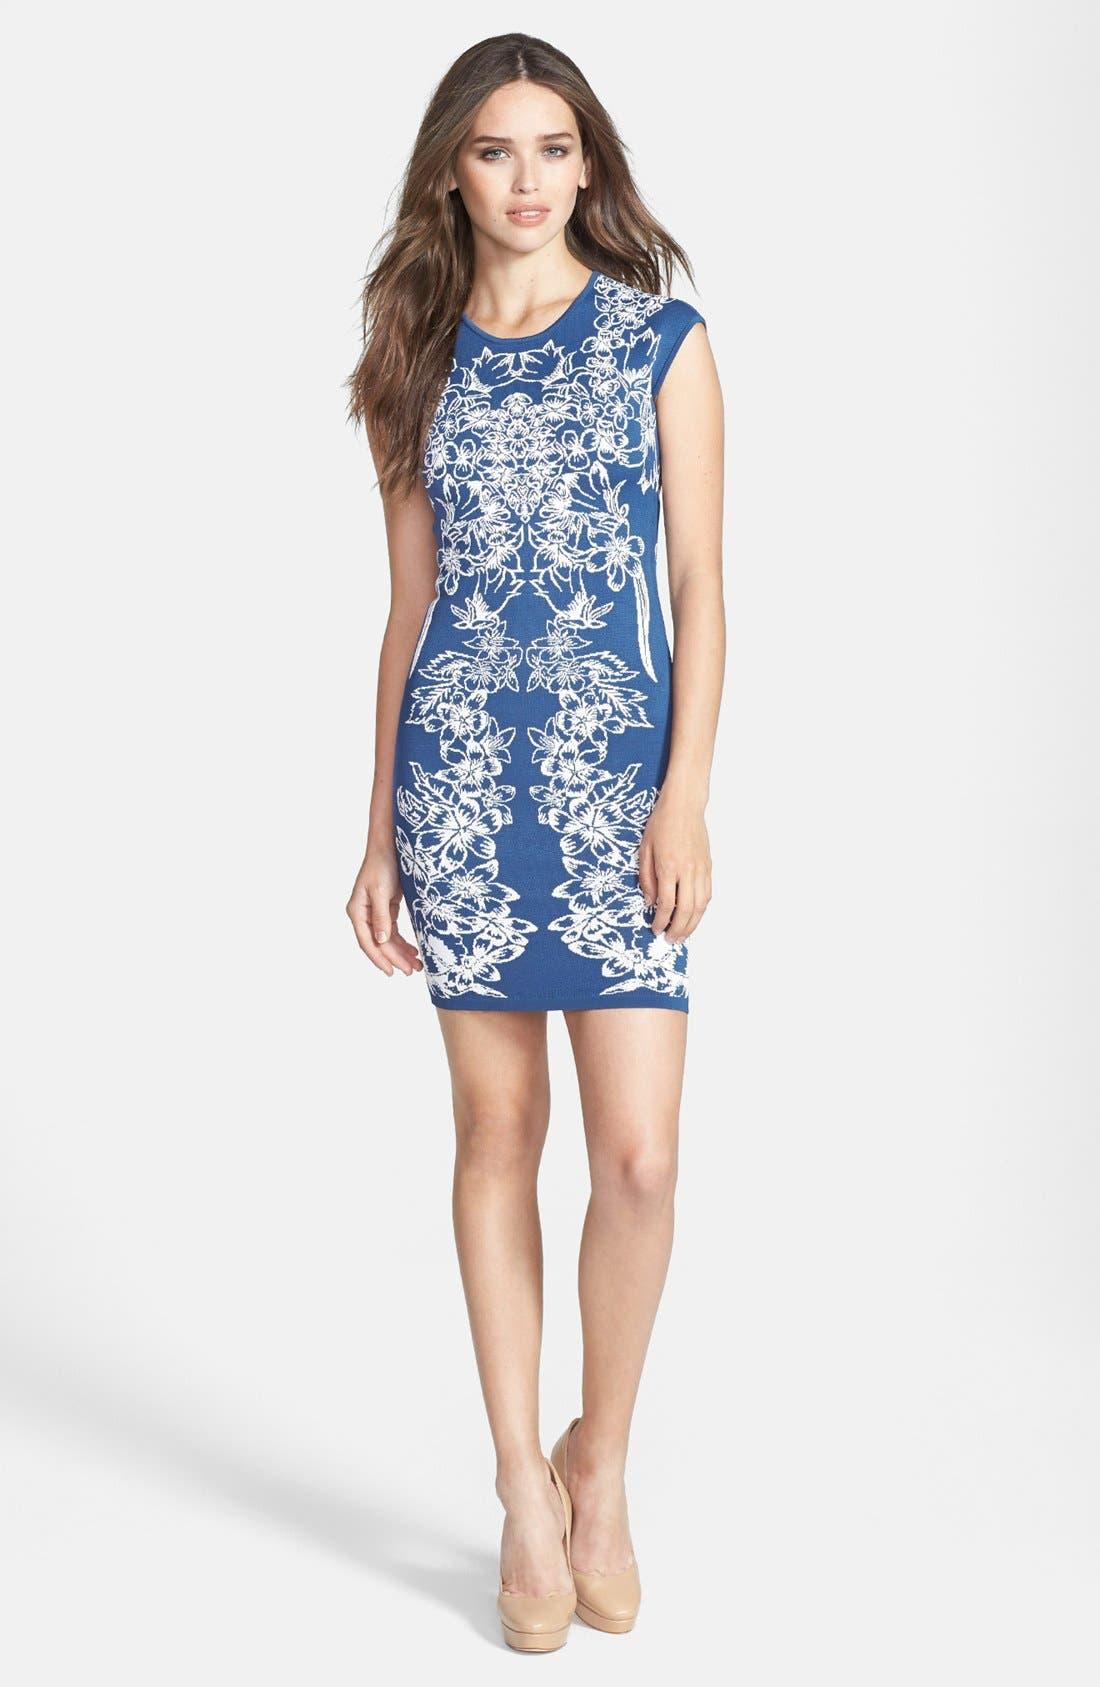 Main Image - BCBGMAXAZRIA Floral Jacquard Body-Con Dress